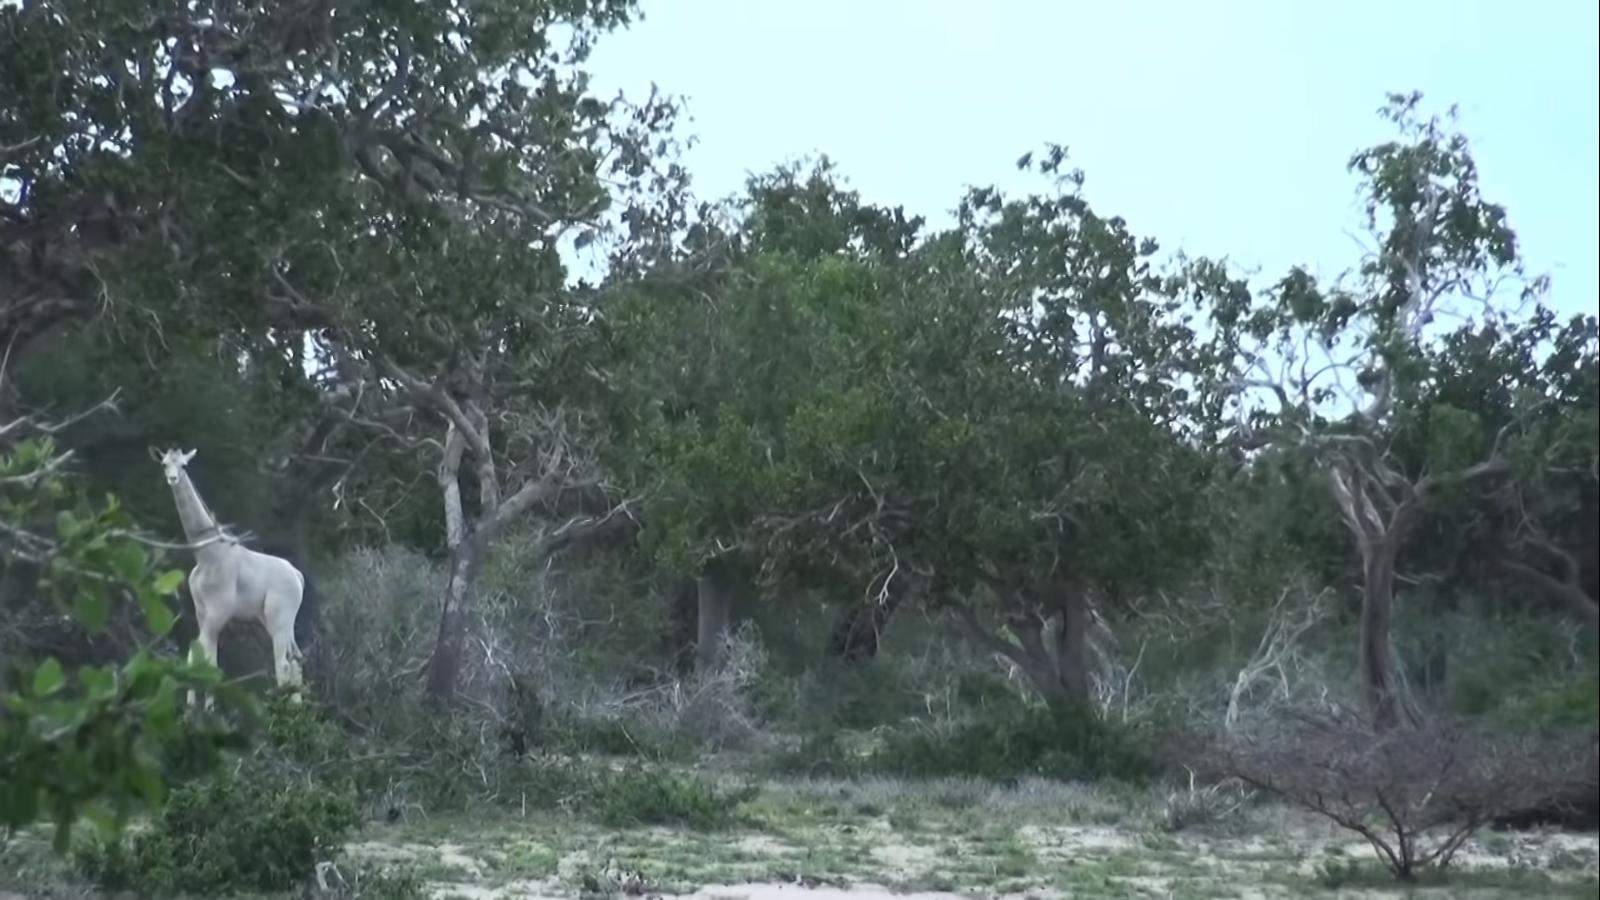 jirafas blancas en peligro de extinción